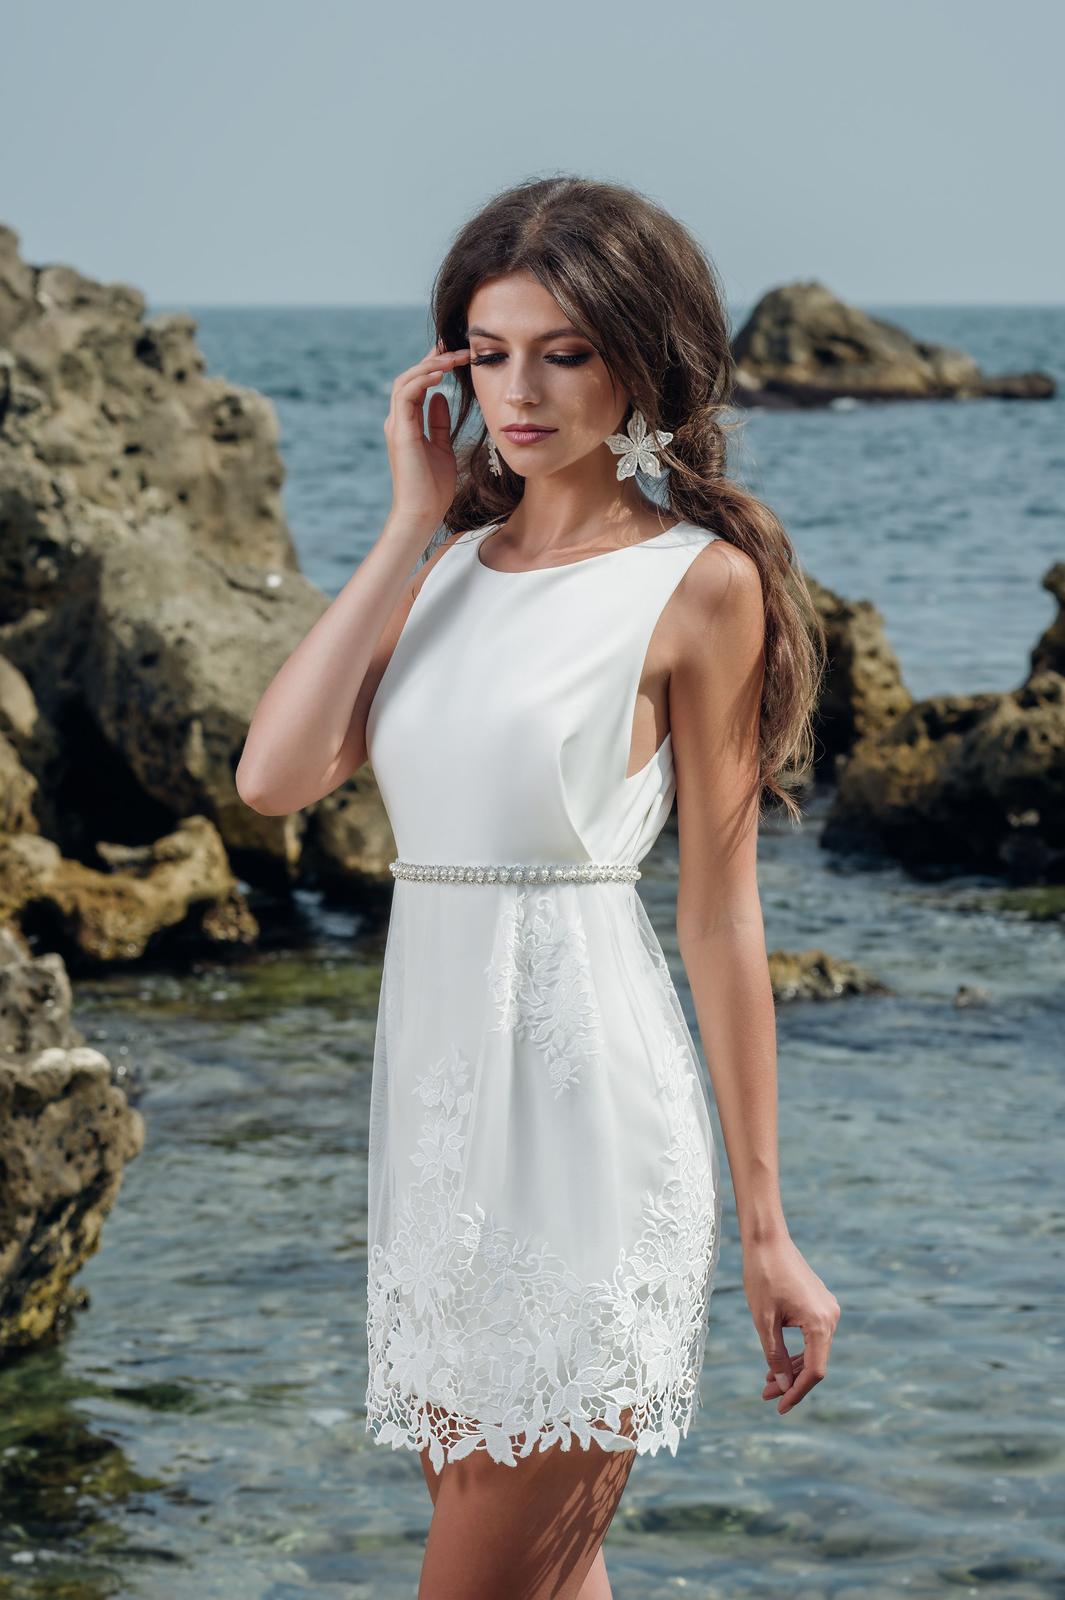 a4d40a99e Odvážne krátke svadobné šaty, 34 - 334 € | Svadobné shopy | Mojasvadba.sk